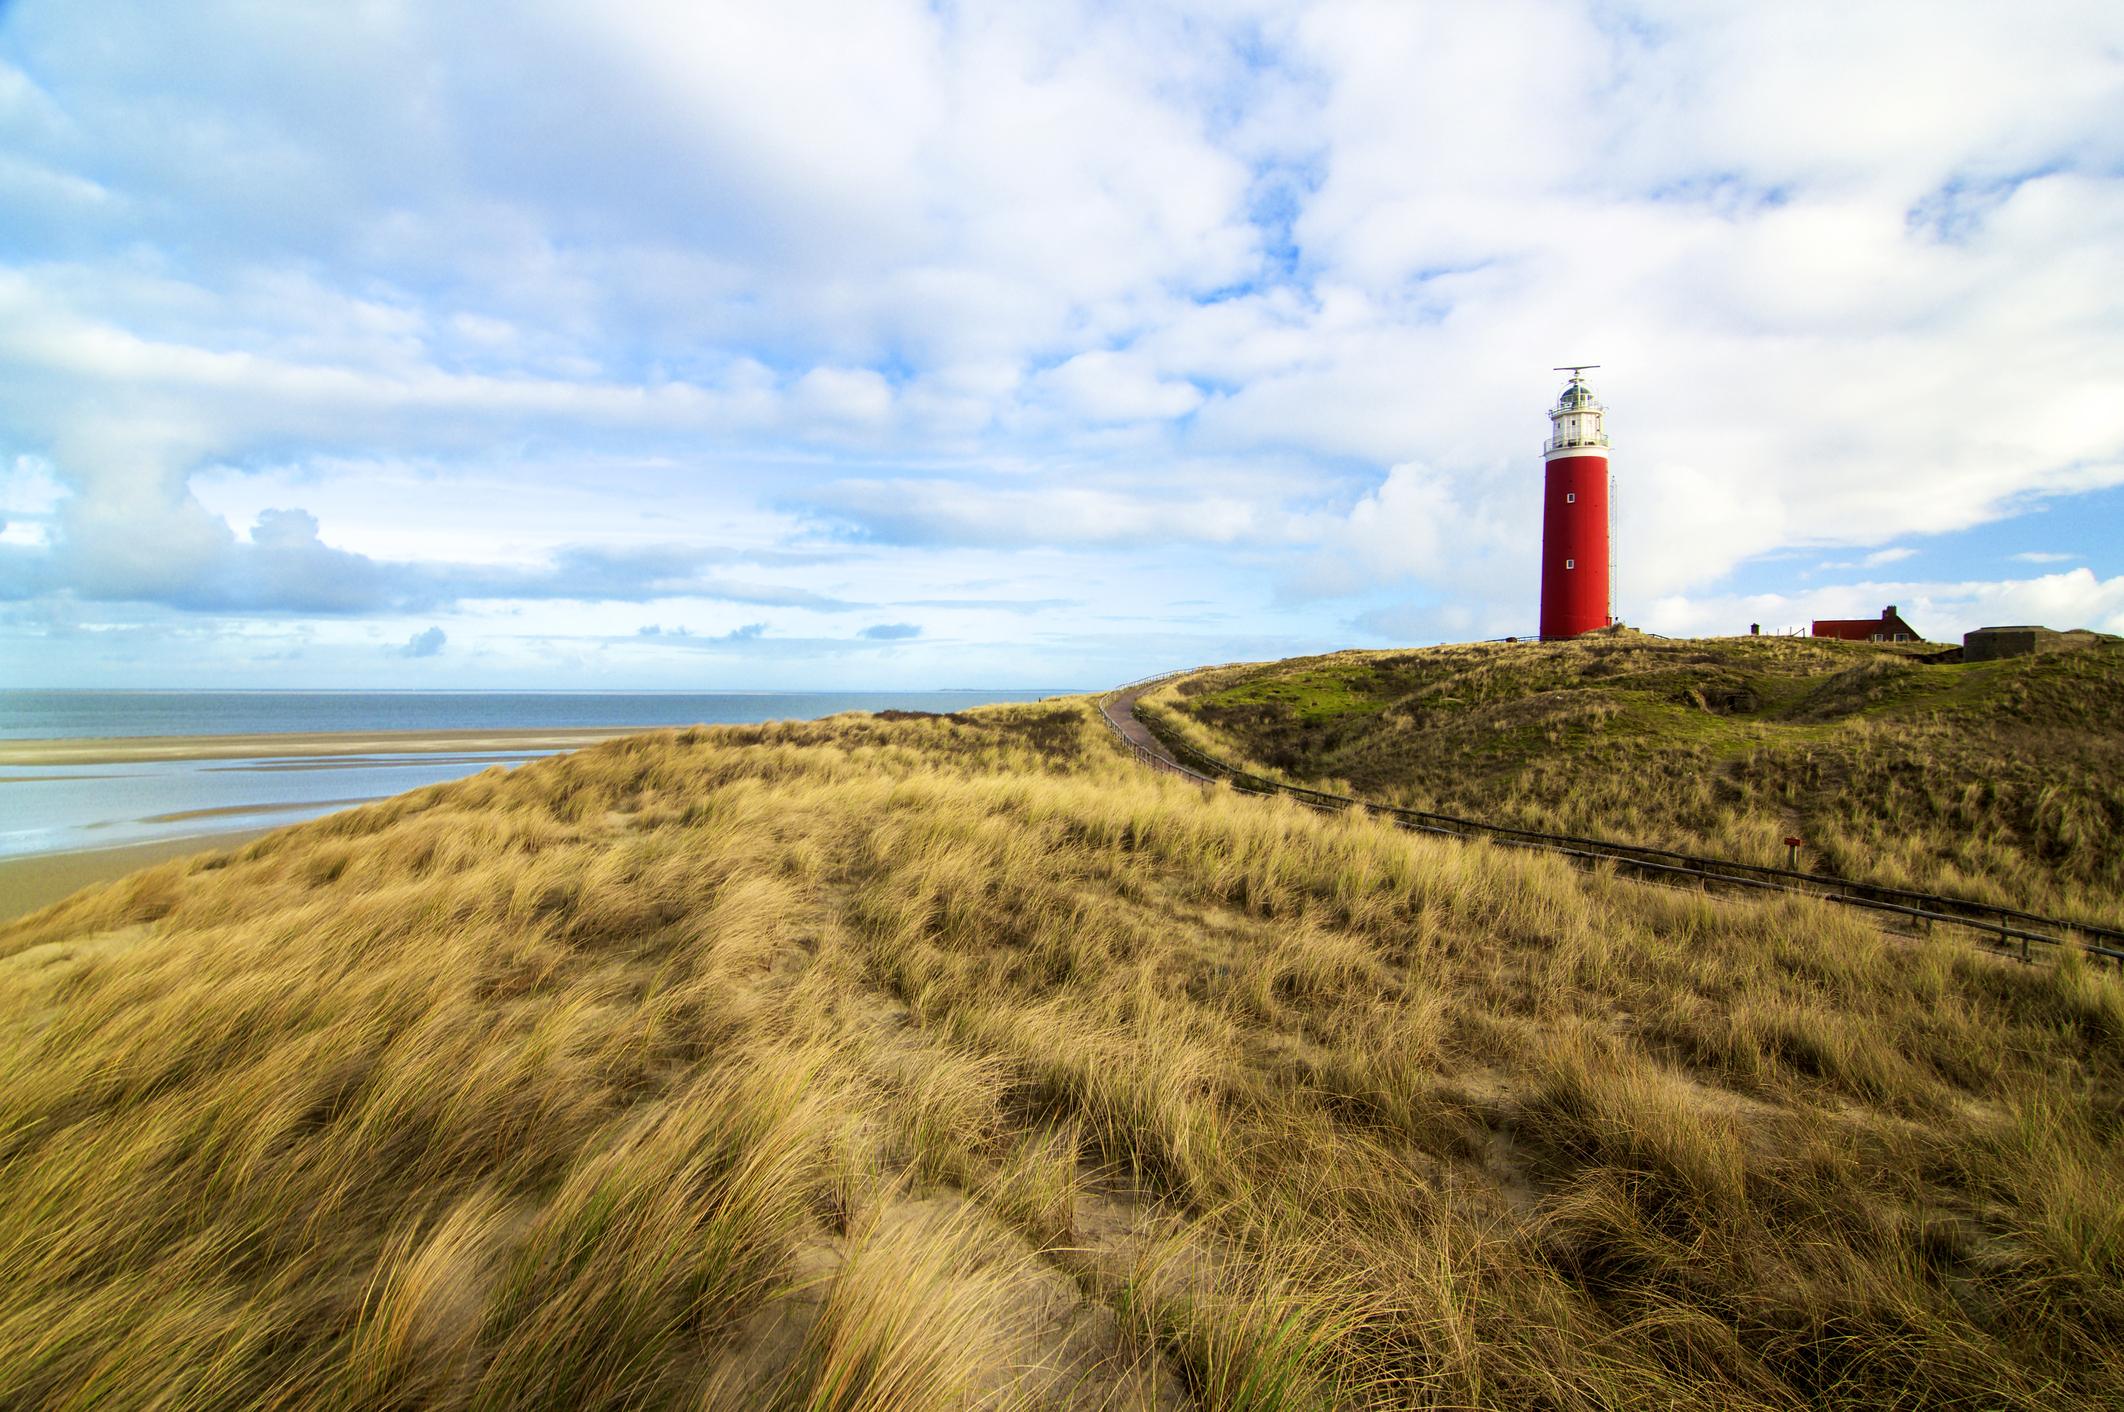 Тексел, Нидерландия - този северен остров може да се похвали с множество велосипедни маршрути, които ще ви отведат от старомодни села, пъстри лалета и емблематичния си фар